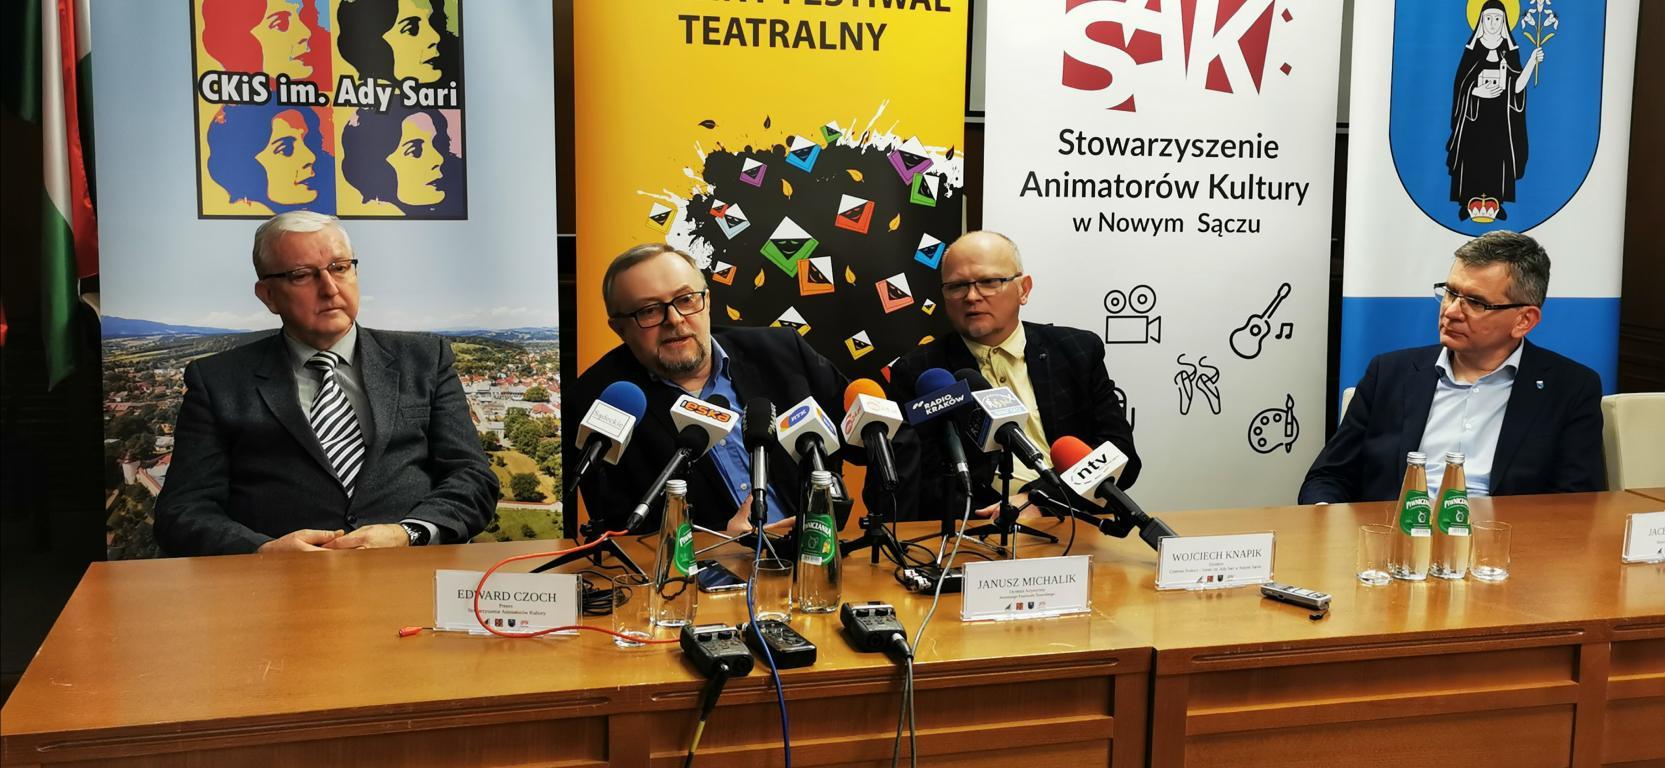 24. Jesienny Festiwal Teatralny w sali widowiskowej starosądeckiego Sokoła  od 25 IX do 4 X 2020